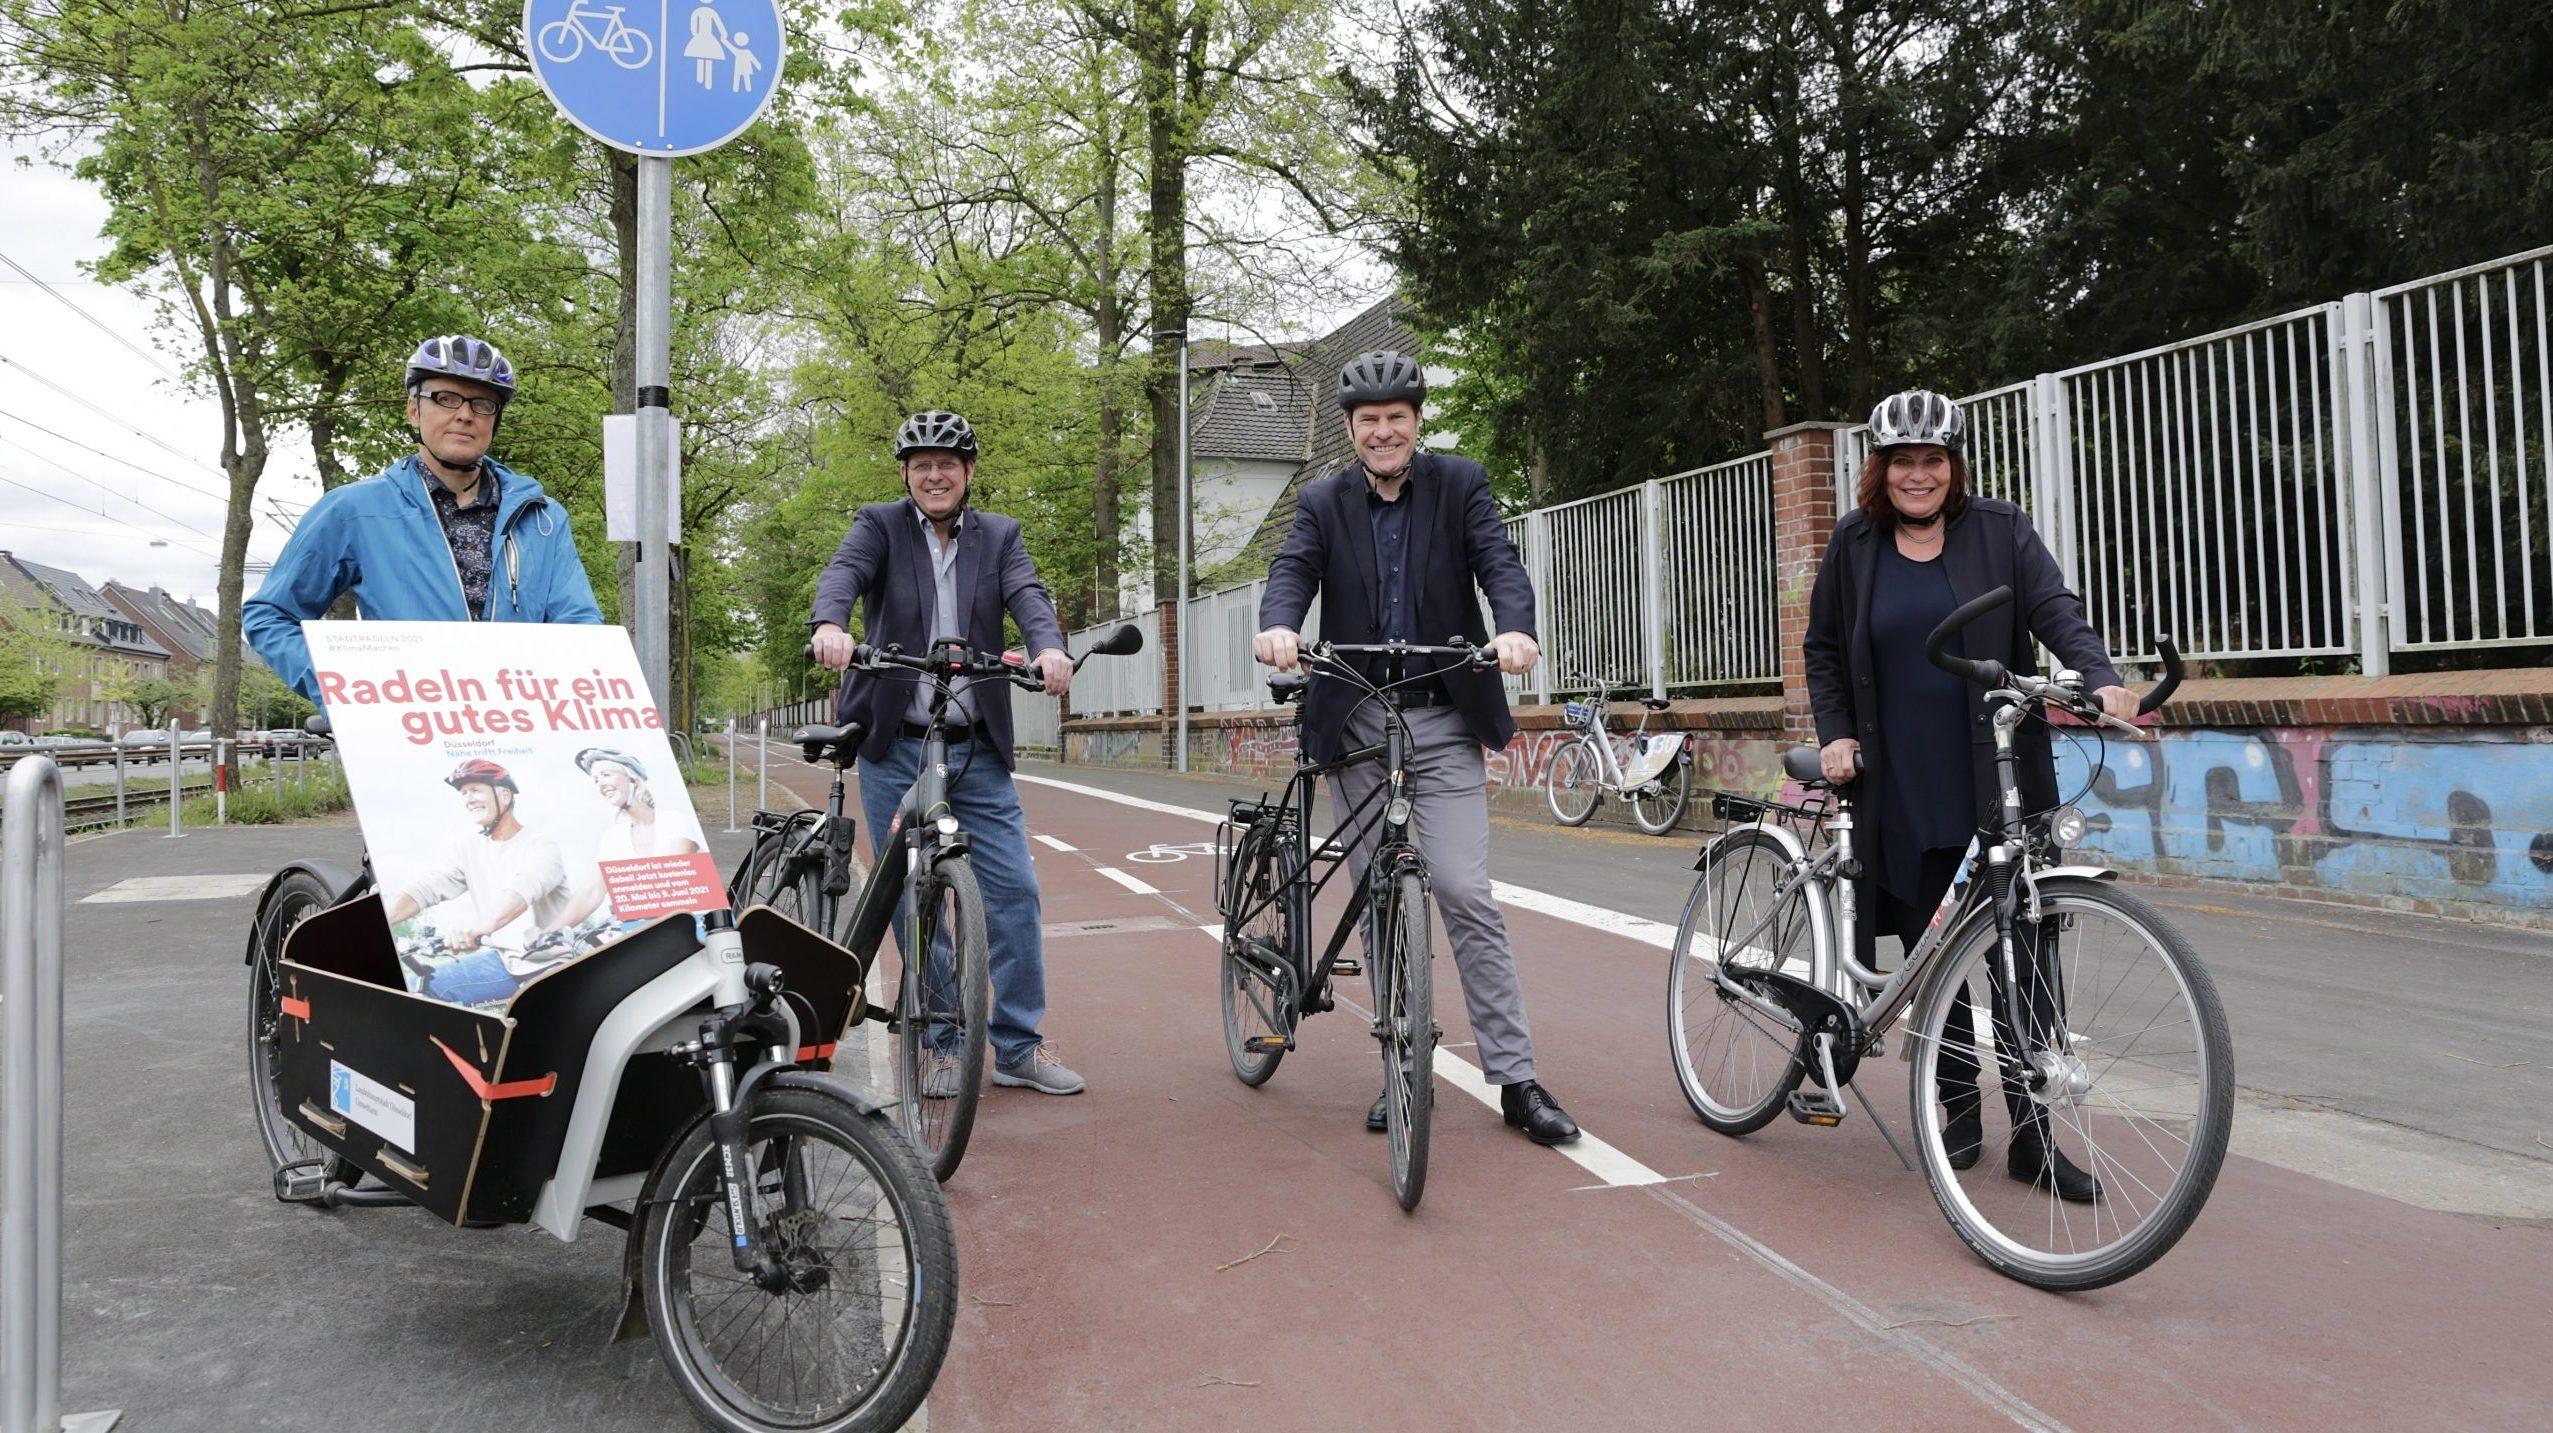 Stadtradeln: Mehr als 1,5 Millionen Radkilometer für Düsseldorf